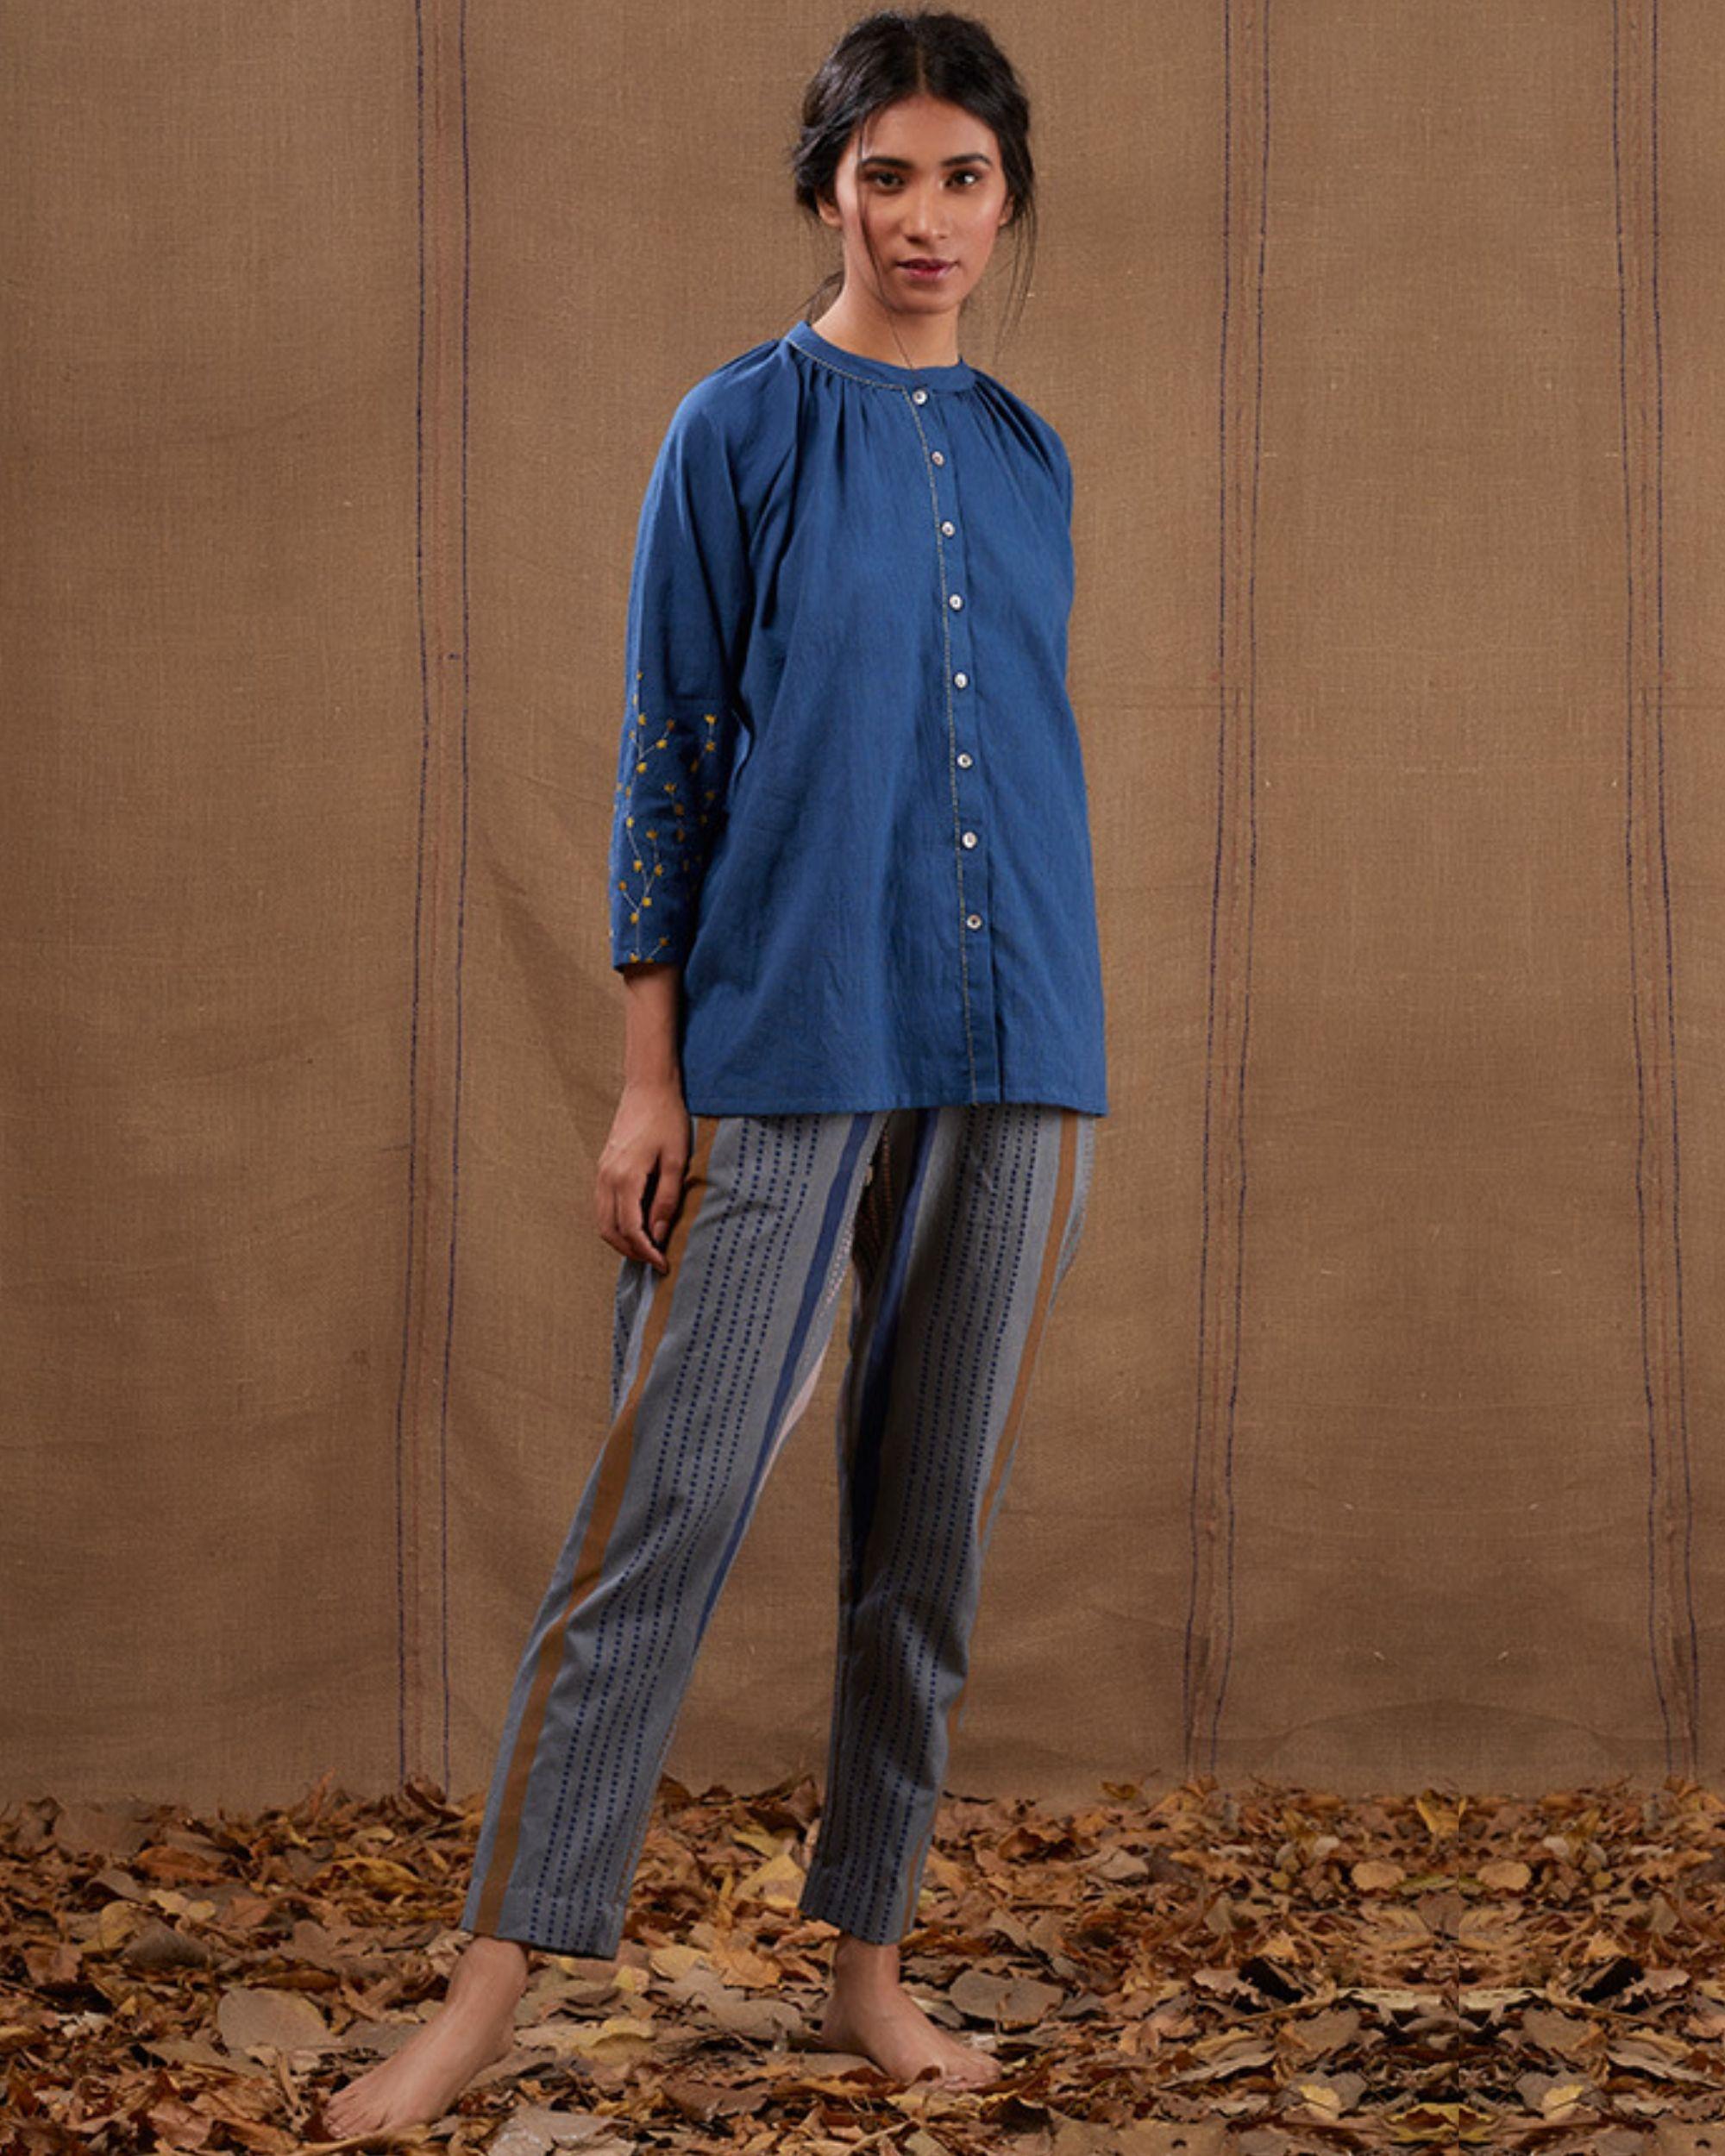 Indigo embroidered cotton top